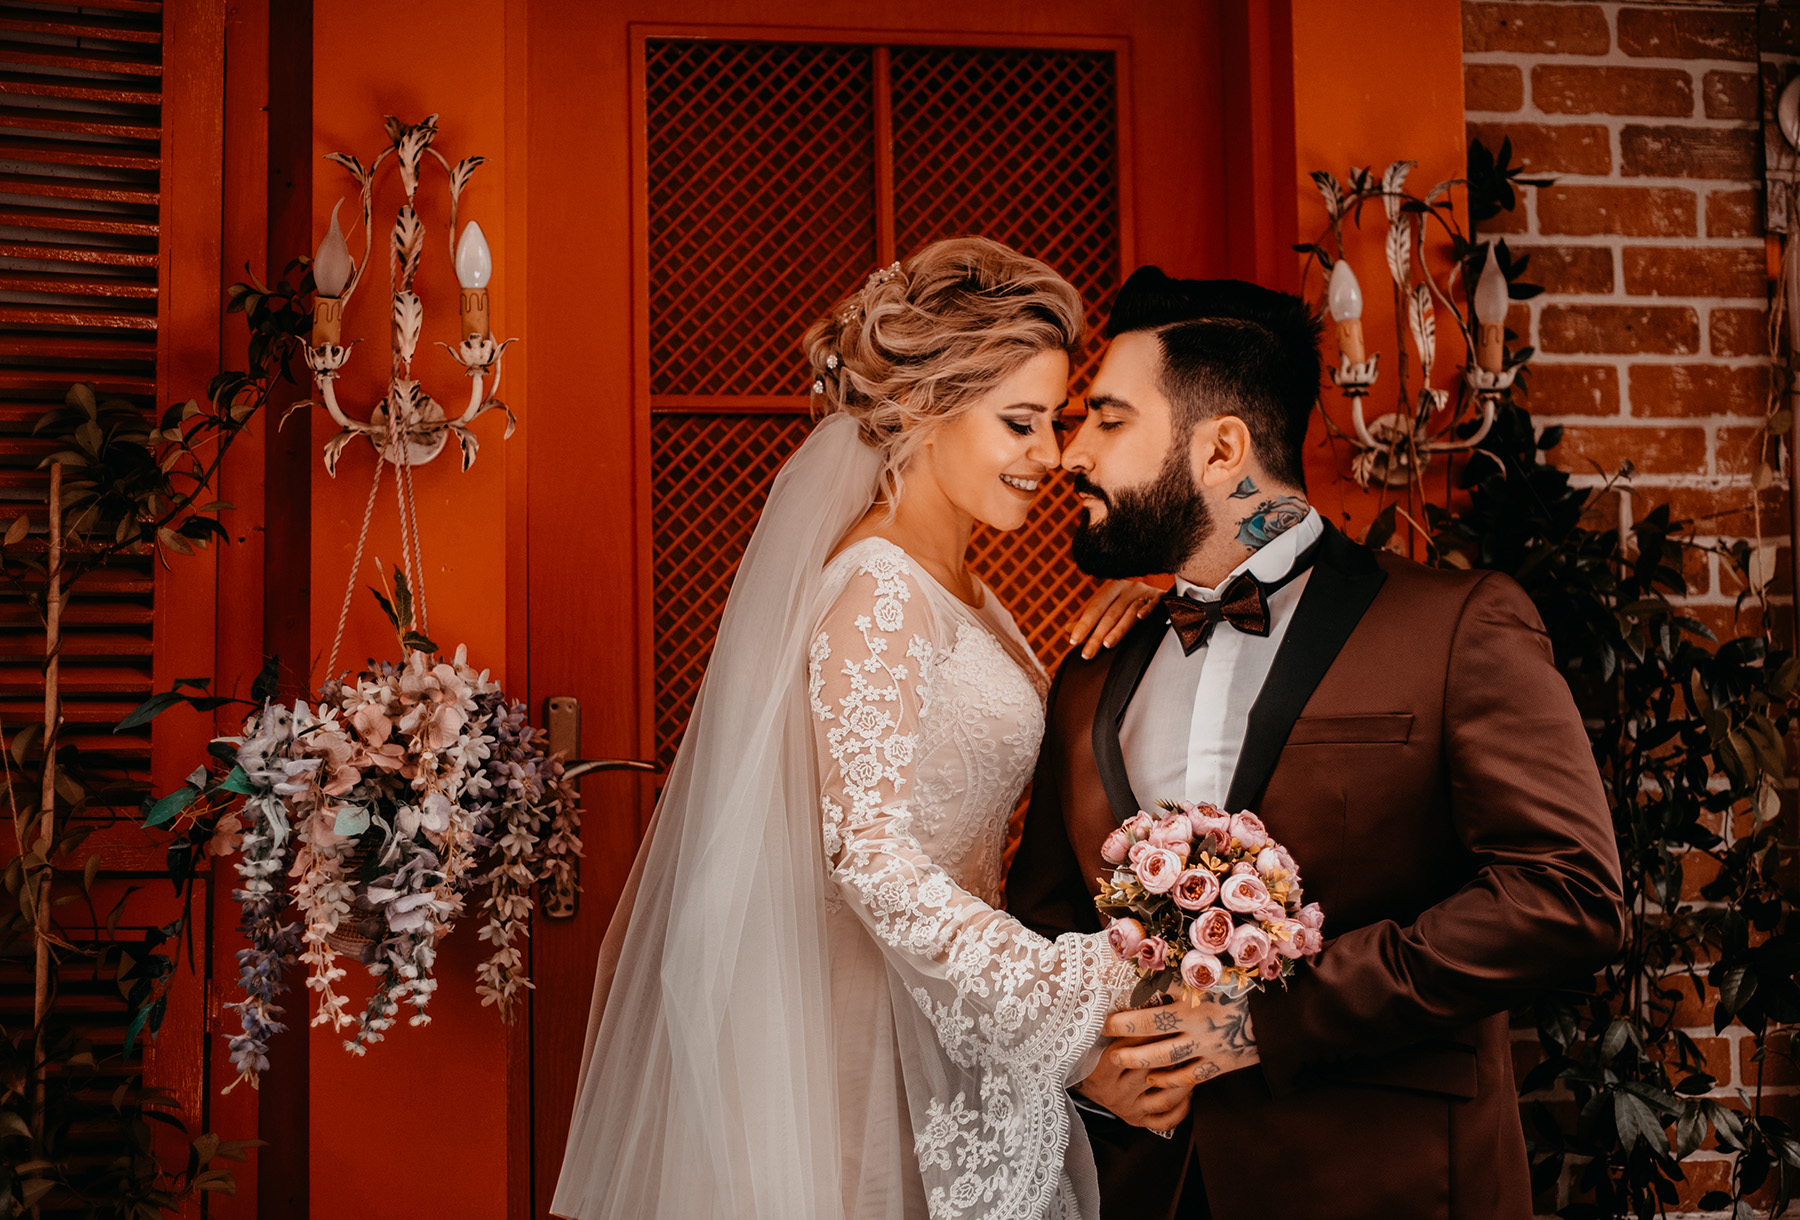 pendik düğün fotoğrafçısı, pendik fotoğrafçı, pendik gelin damat fotoğrafçısı, pendik dış mekan foto çekimi, pendik fotoğrafçı